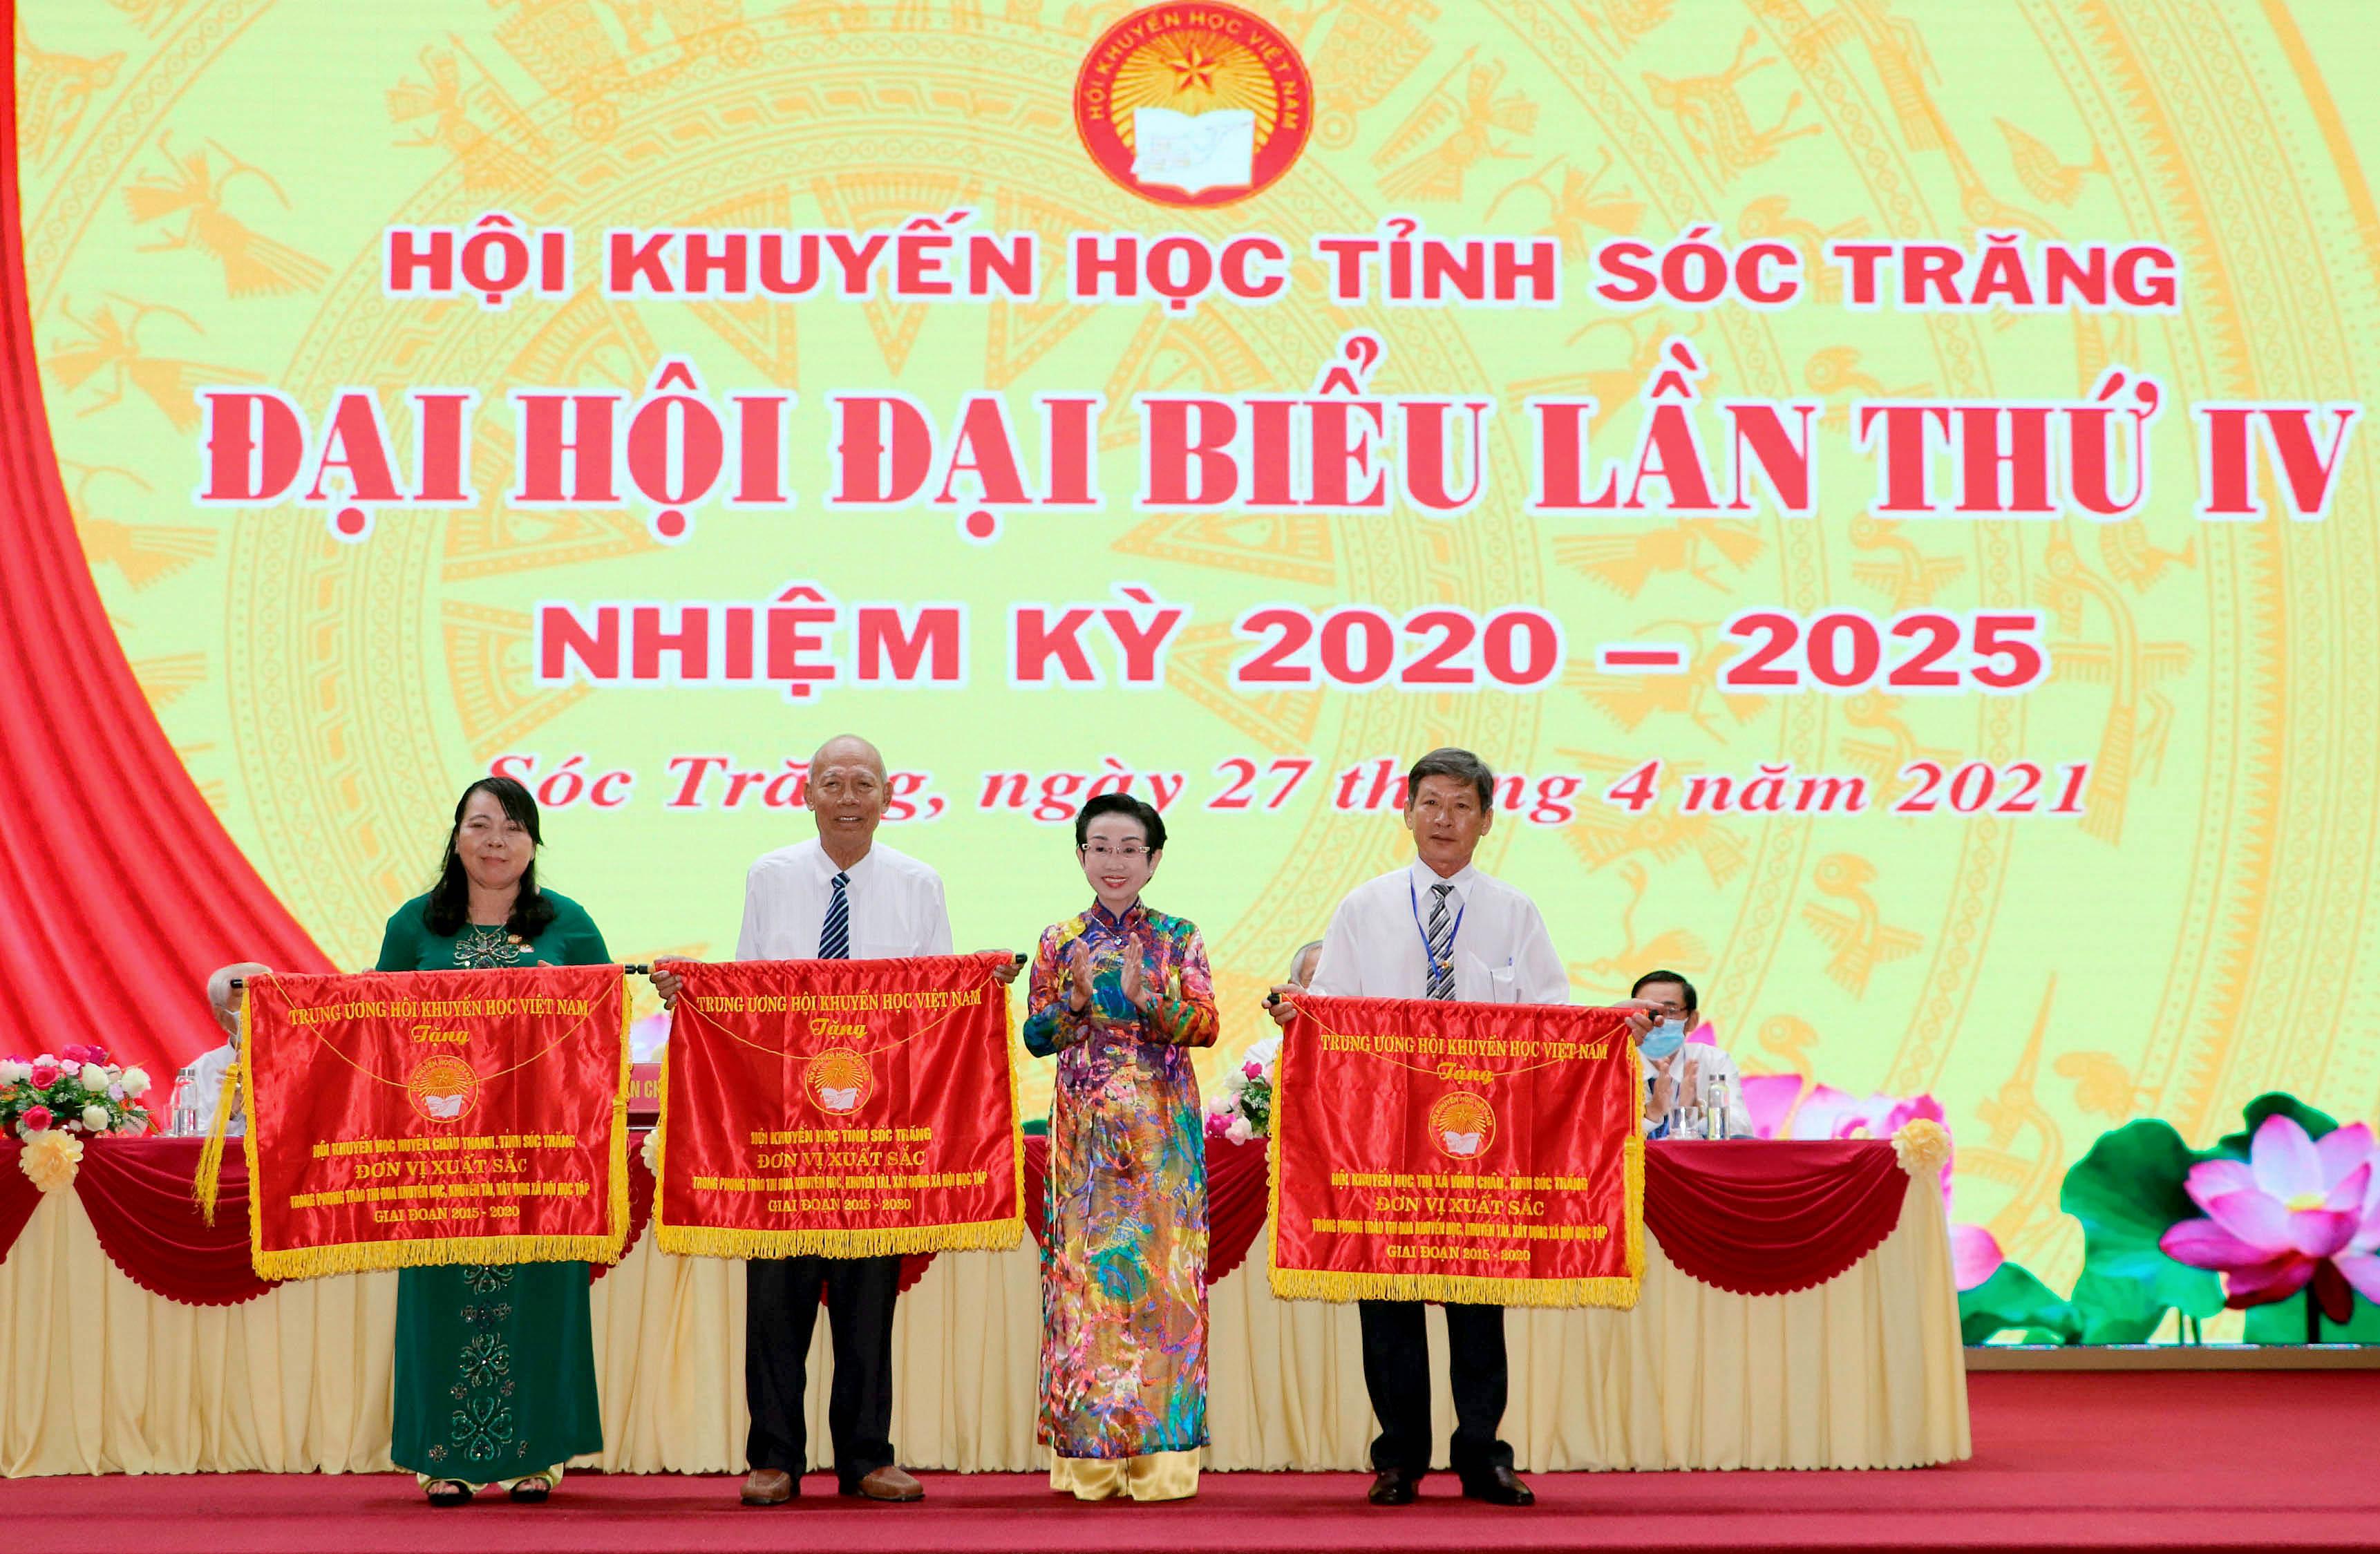 Phó giáo sư Tiến sĩ Trương Thị Hiền, Phó chủ tịch Trung ương Hội khuyến học Việt Nam trao cờ thi đua cho 3 tập thể. Ảnh: Trung Hiếu